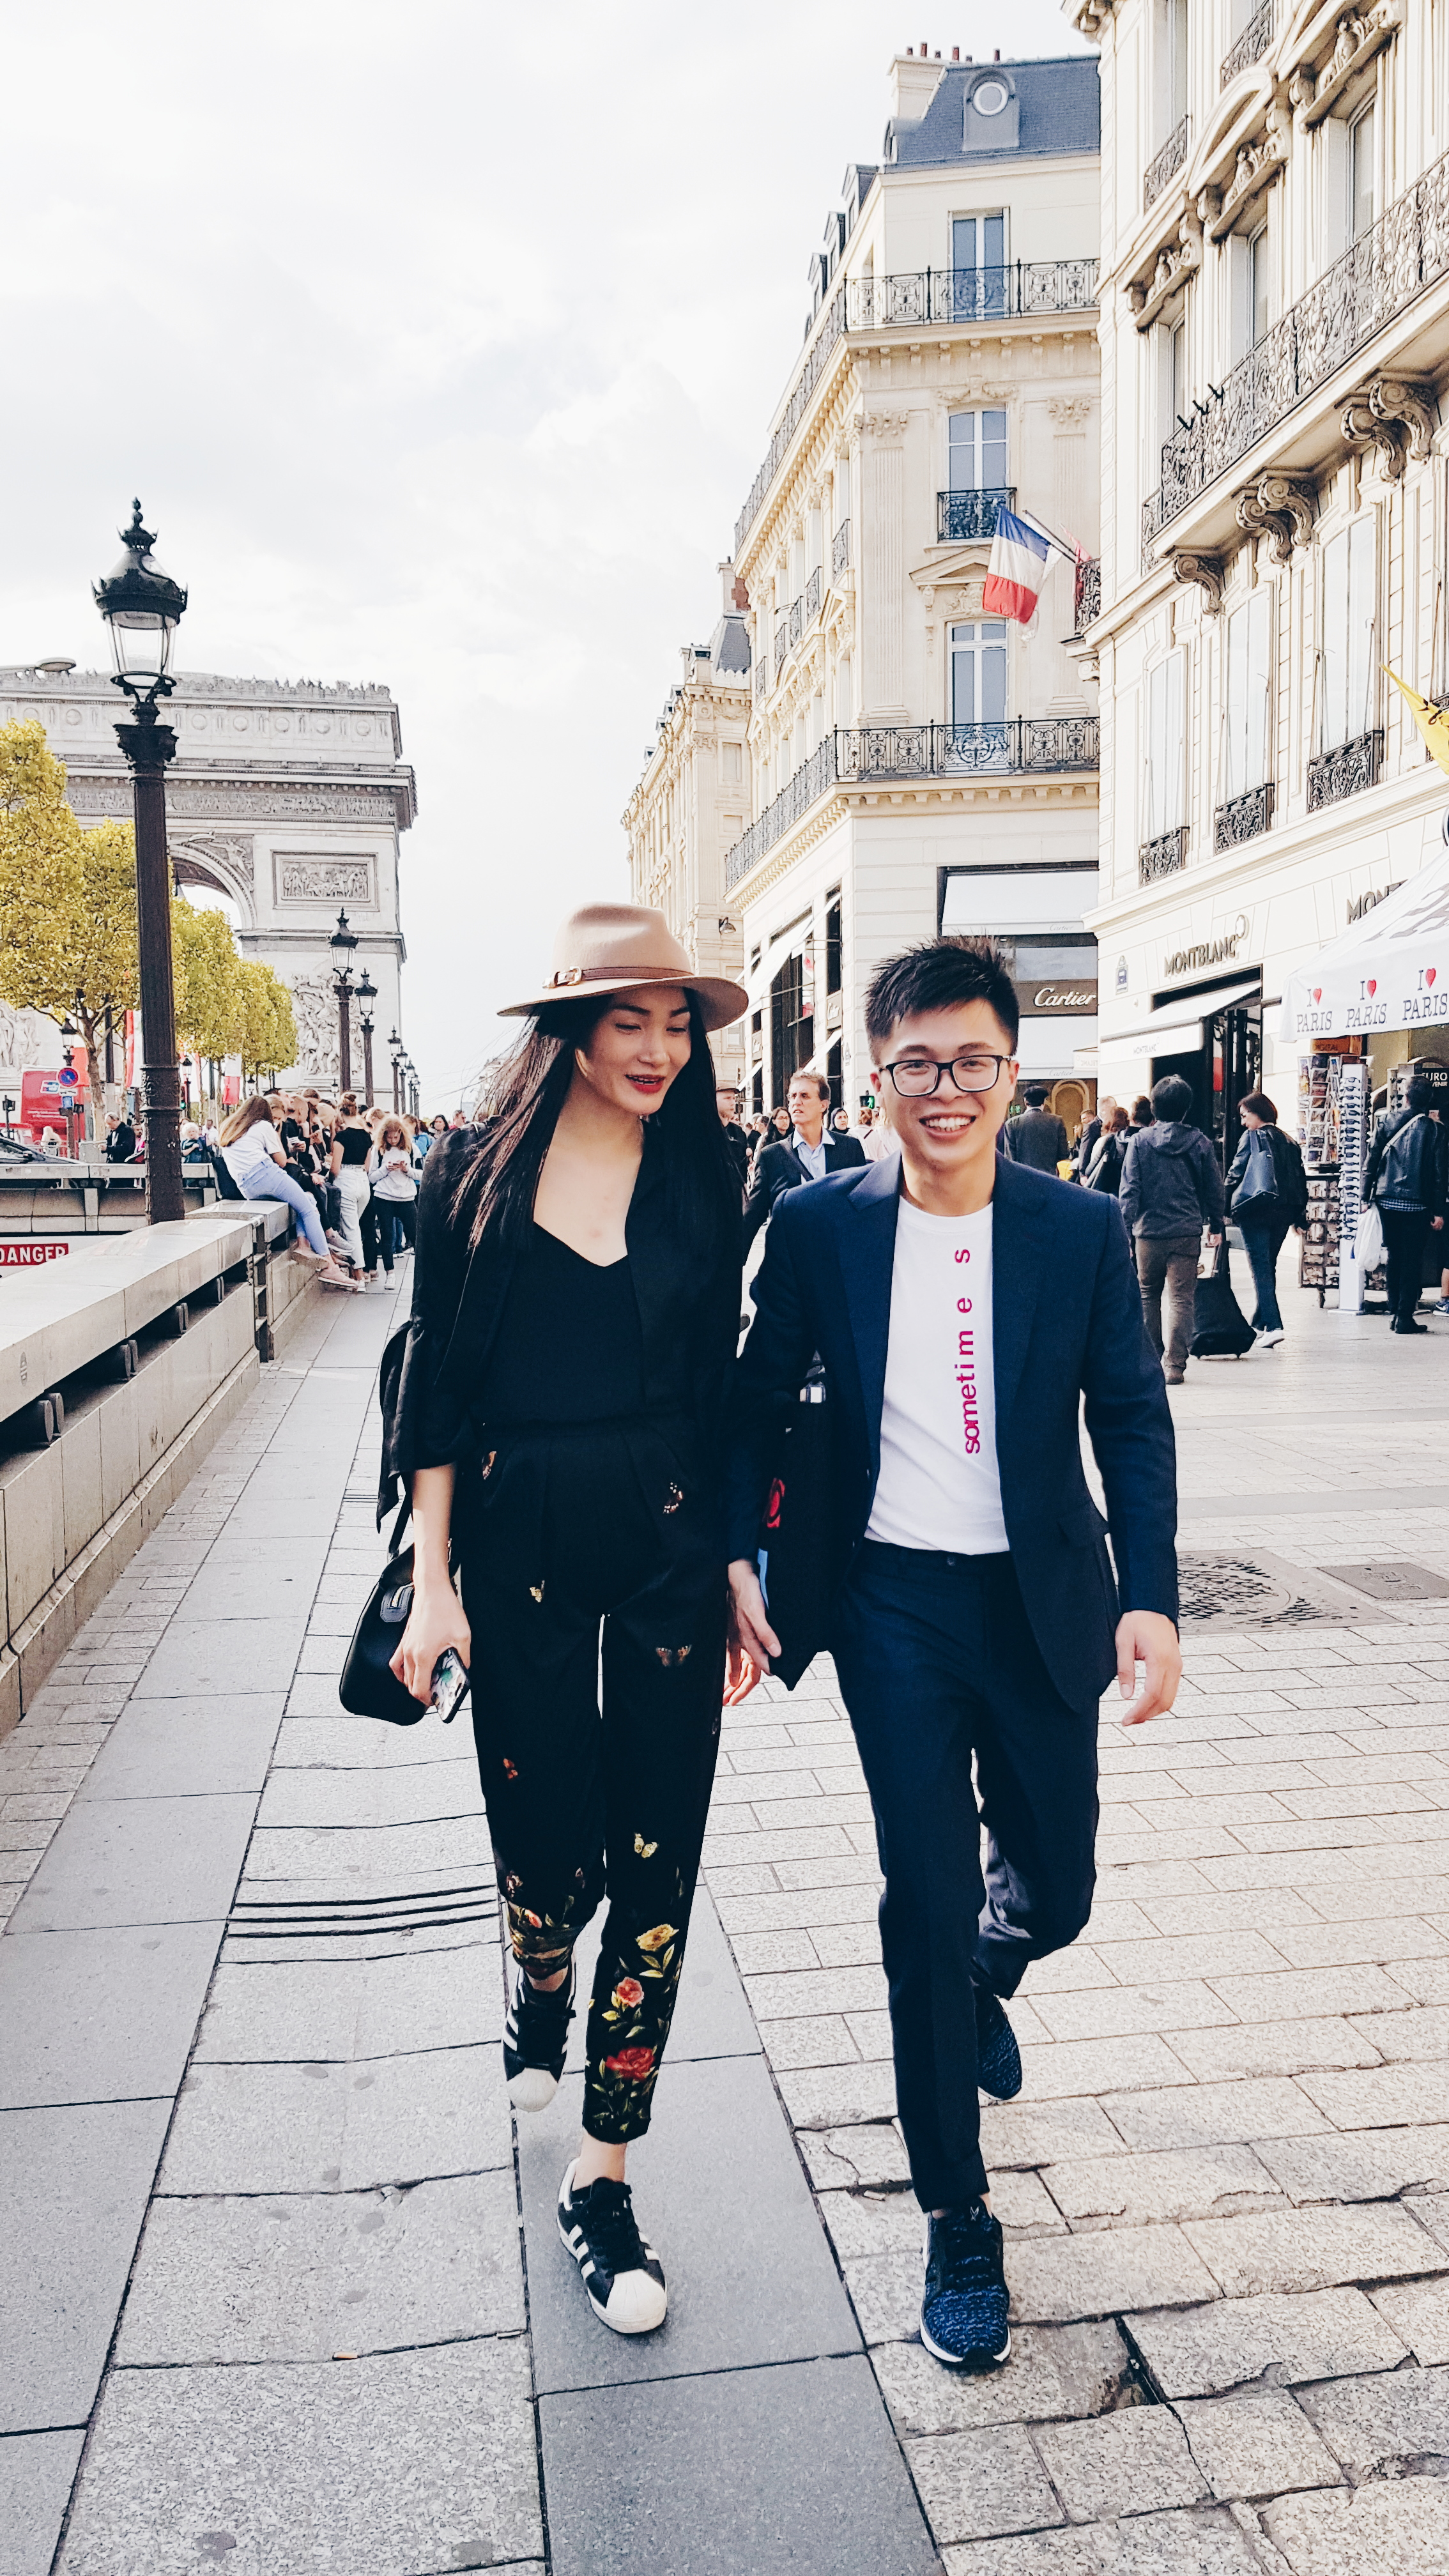 Đặng Hữu Quốc Văn – từ SV Ngoại thương, tới quản lý truyền thông của siêu mẫu và kỳ thực tập trong mơ tại Paris Fashion Week - Ảnh 12.